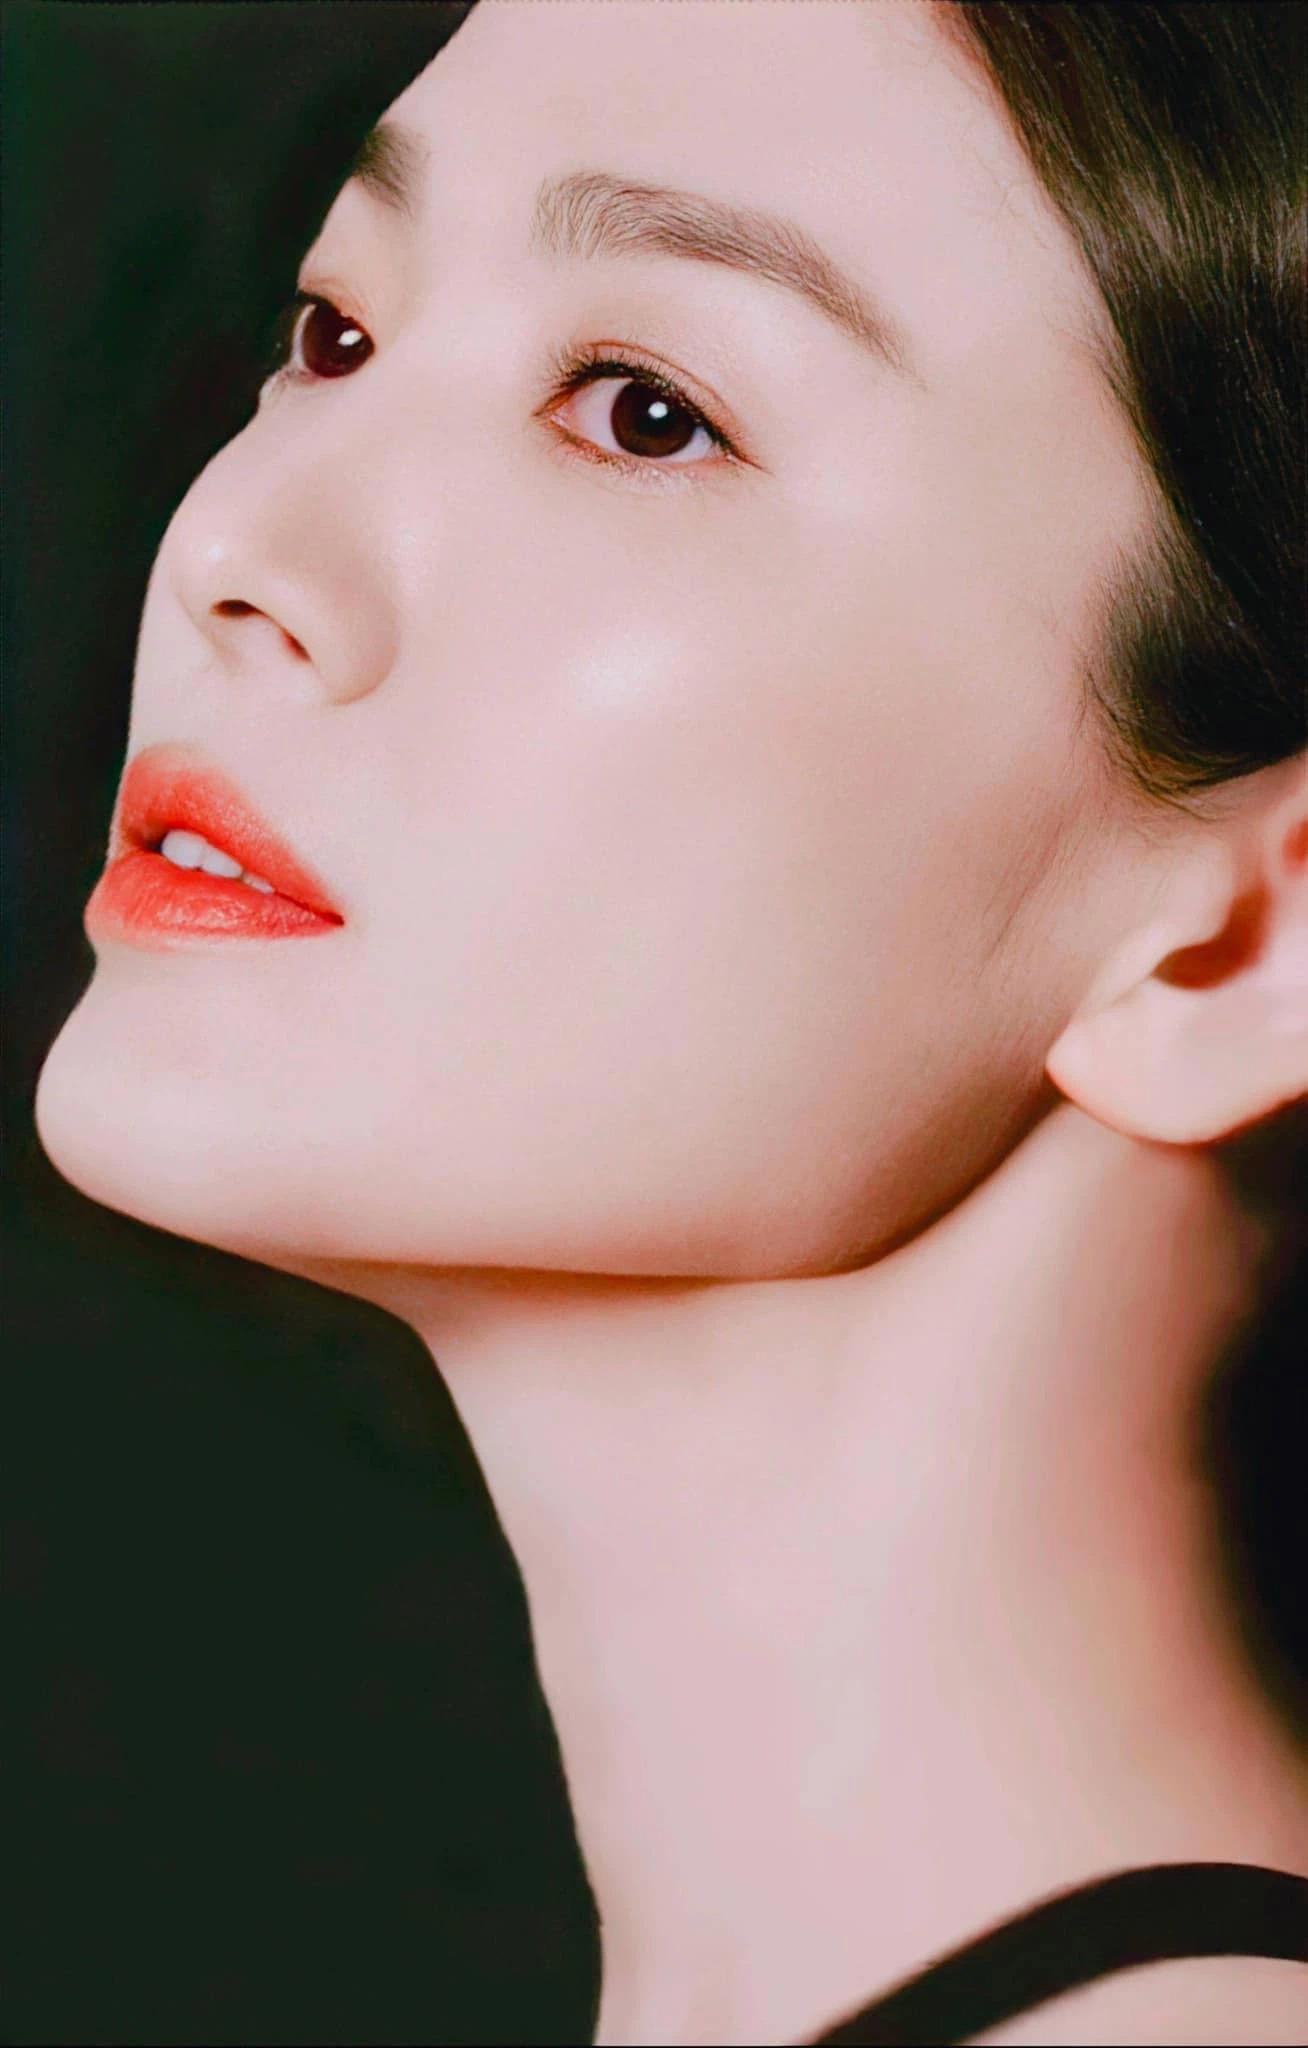 Đọ visual cực gắt, Song Hye Kyo hay Son Ye Jin chiếm thế 'thượng phong'? 5